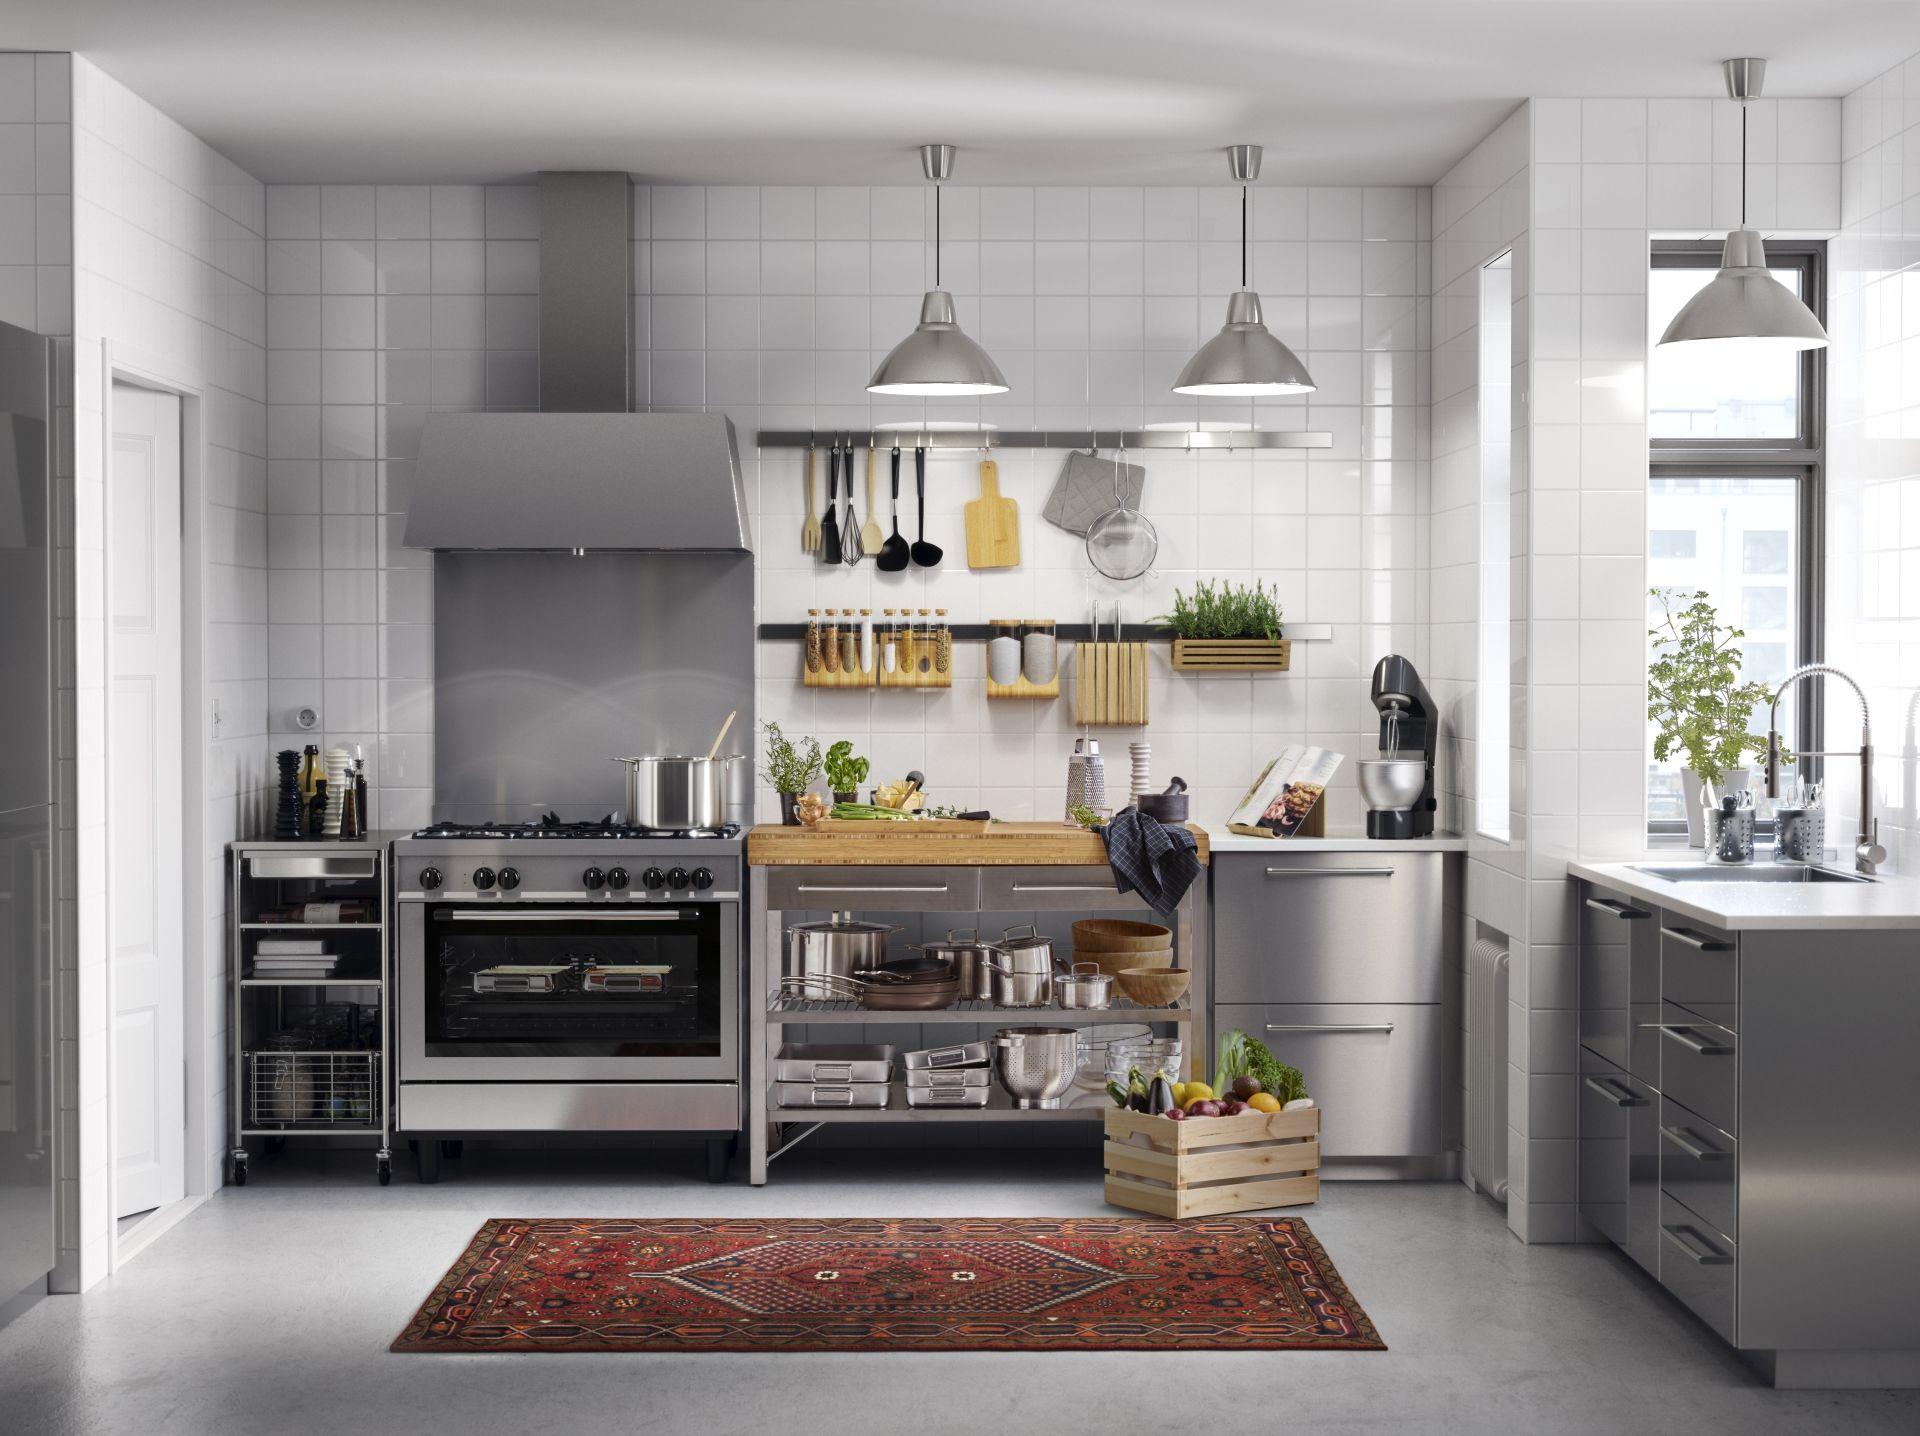 Blauw Keuken Ikea : Keuken ikea grijs u informatie over de keuken